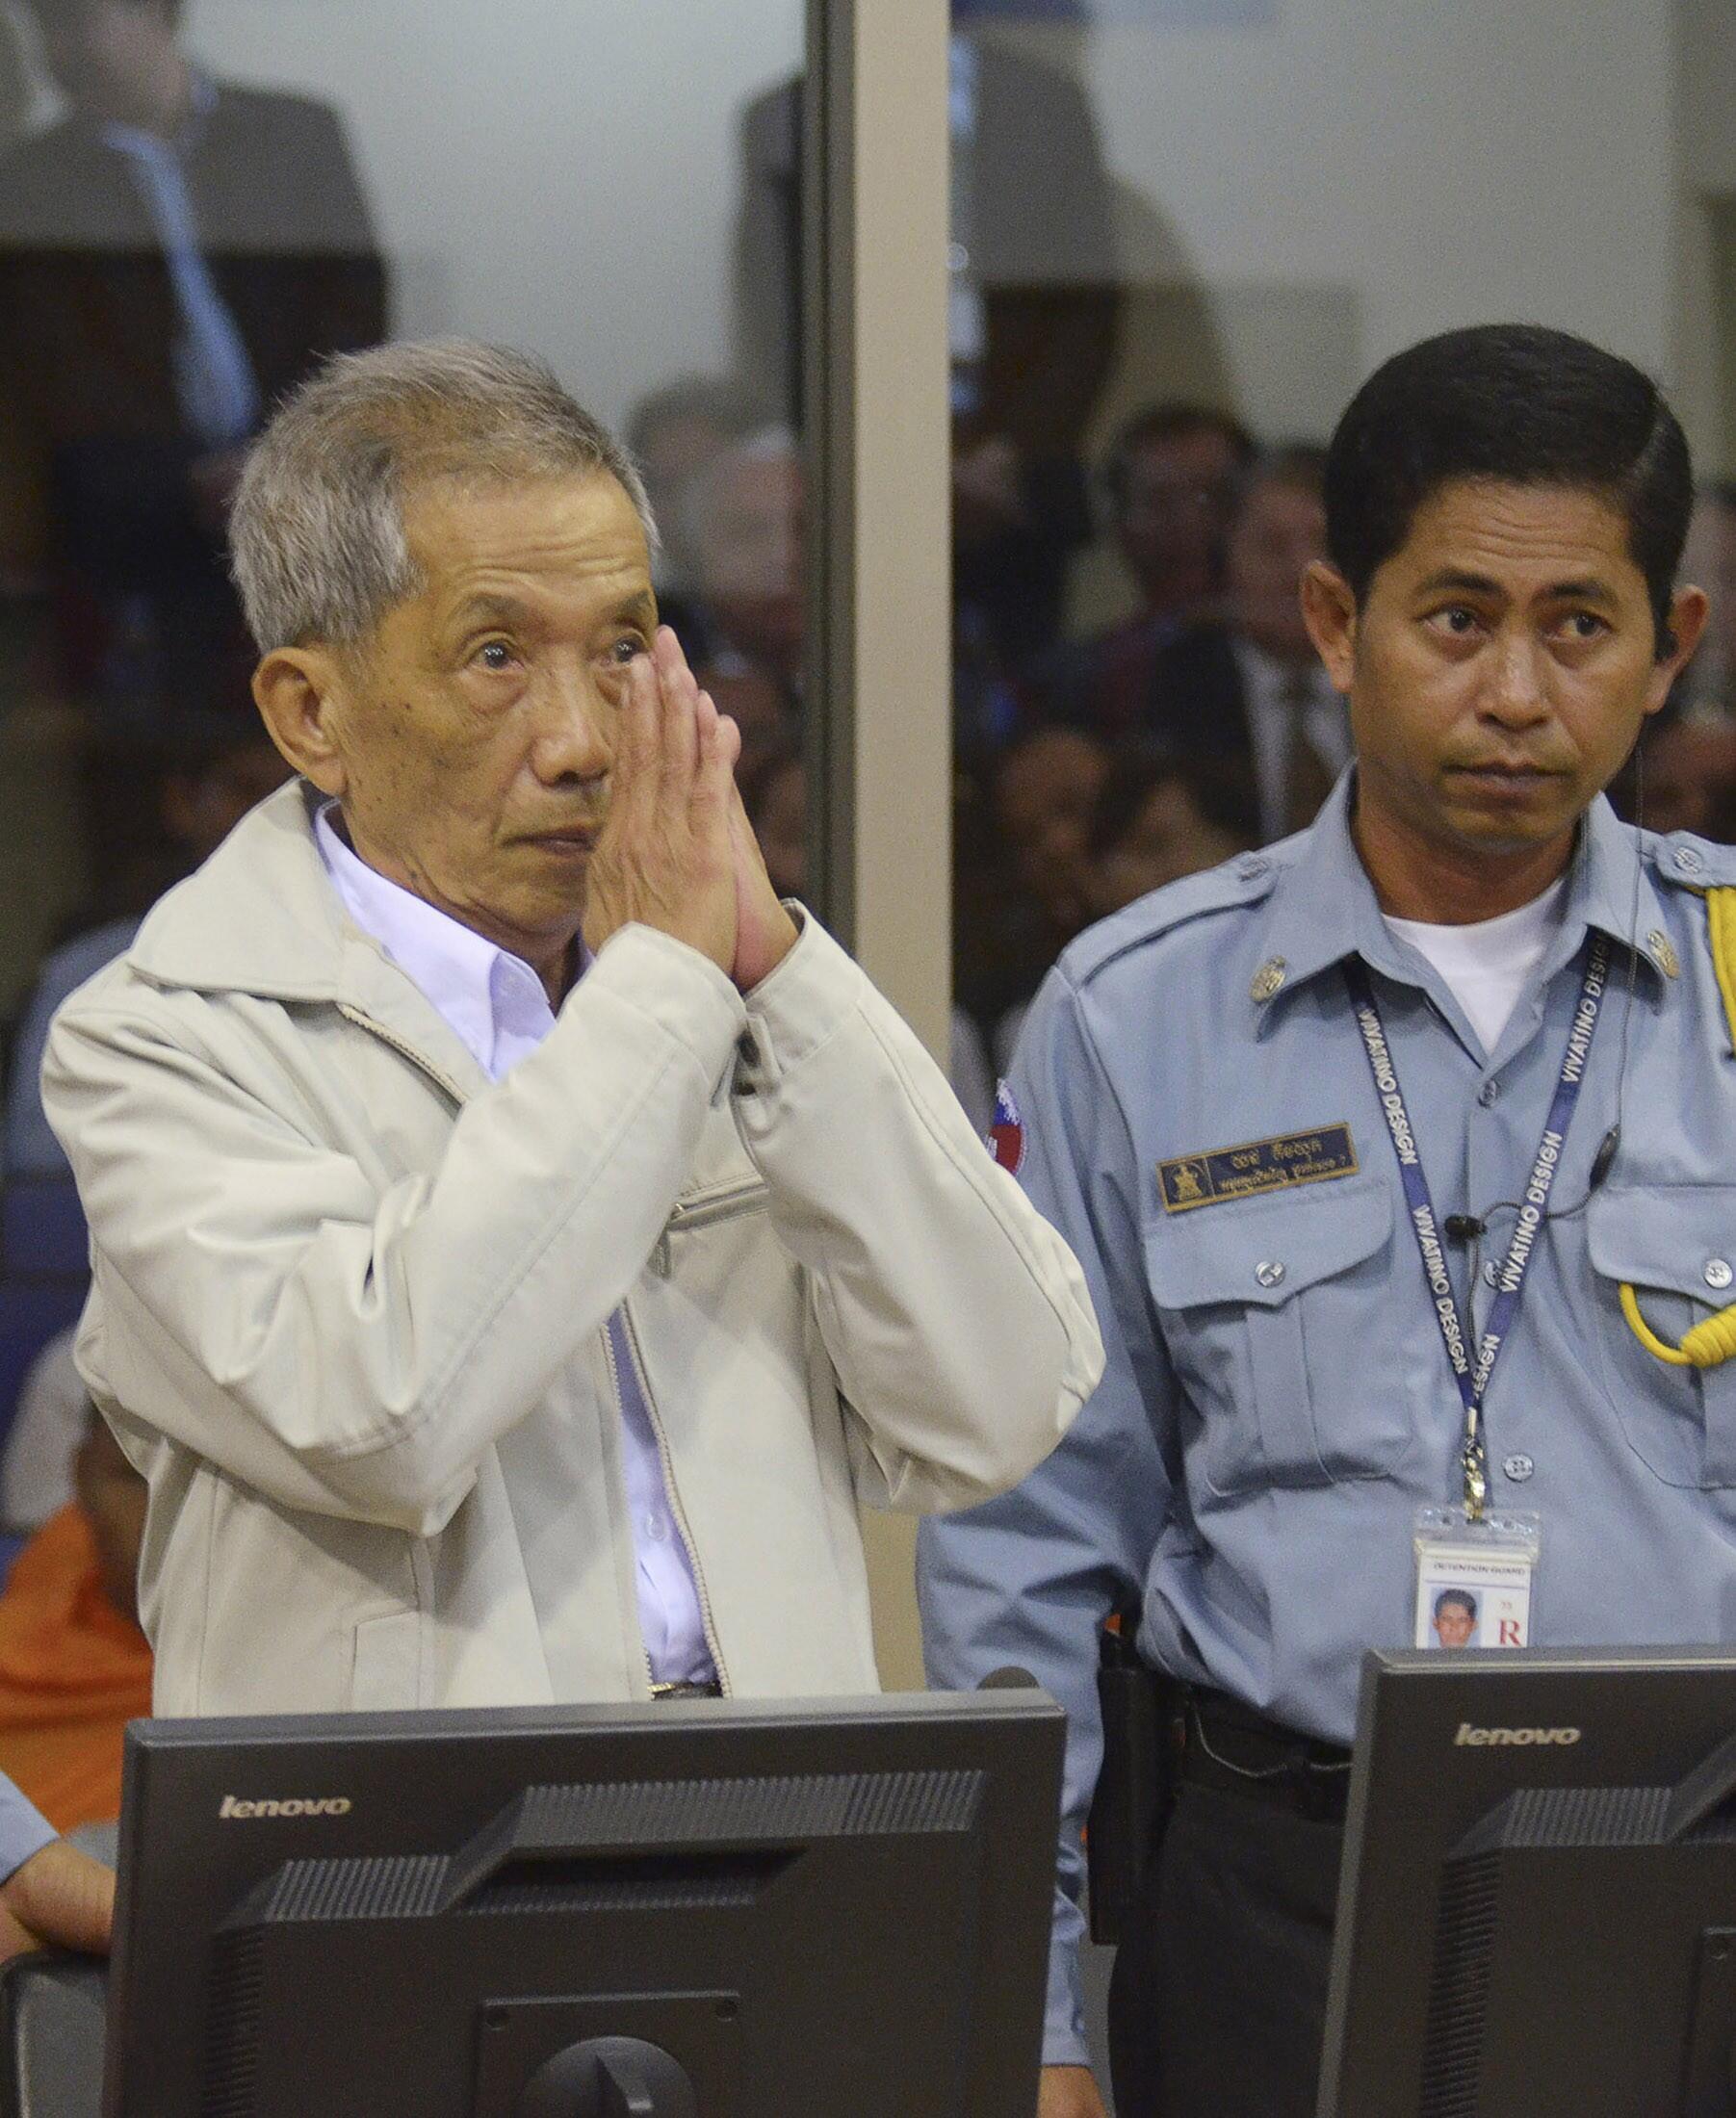 Julgamento do chefe torturador do Khmer Vermelho, Kaing Guek Eav.